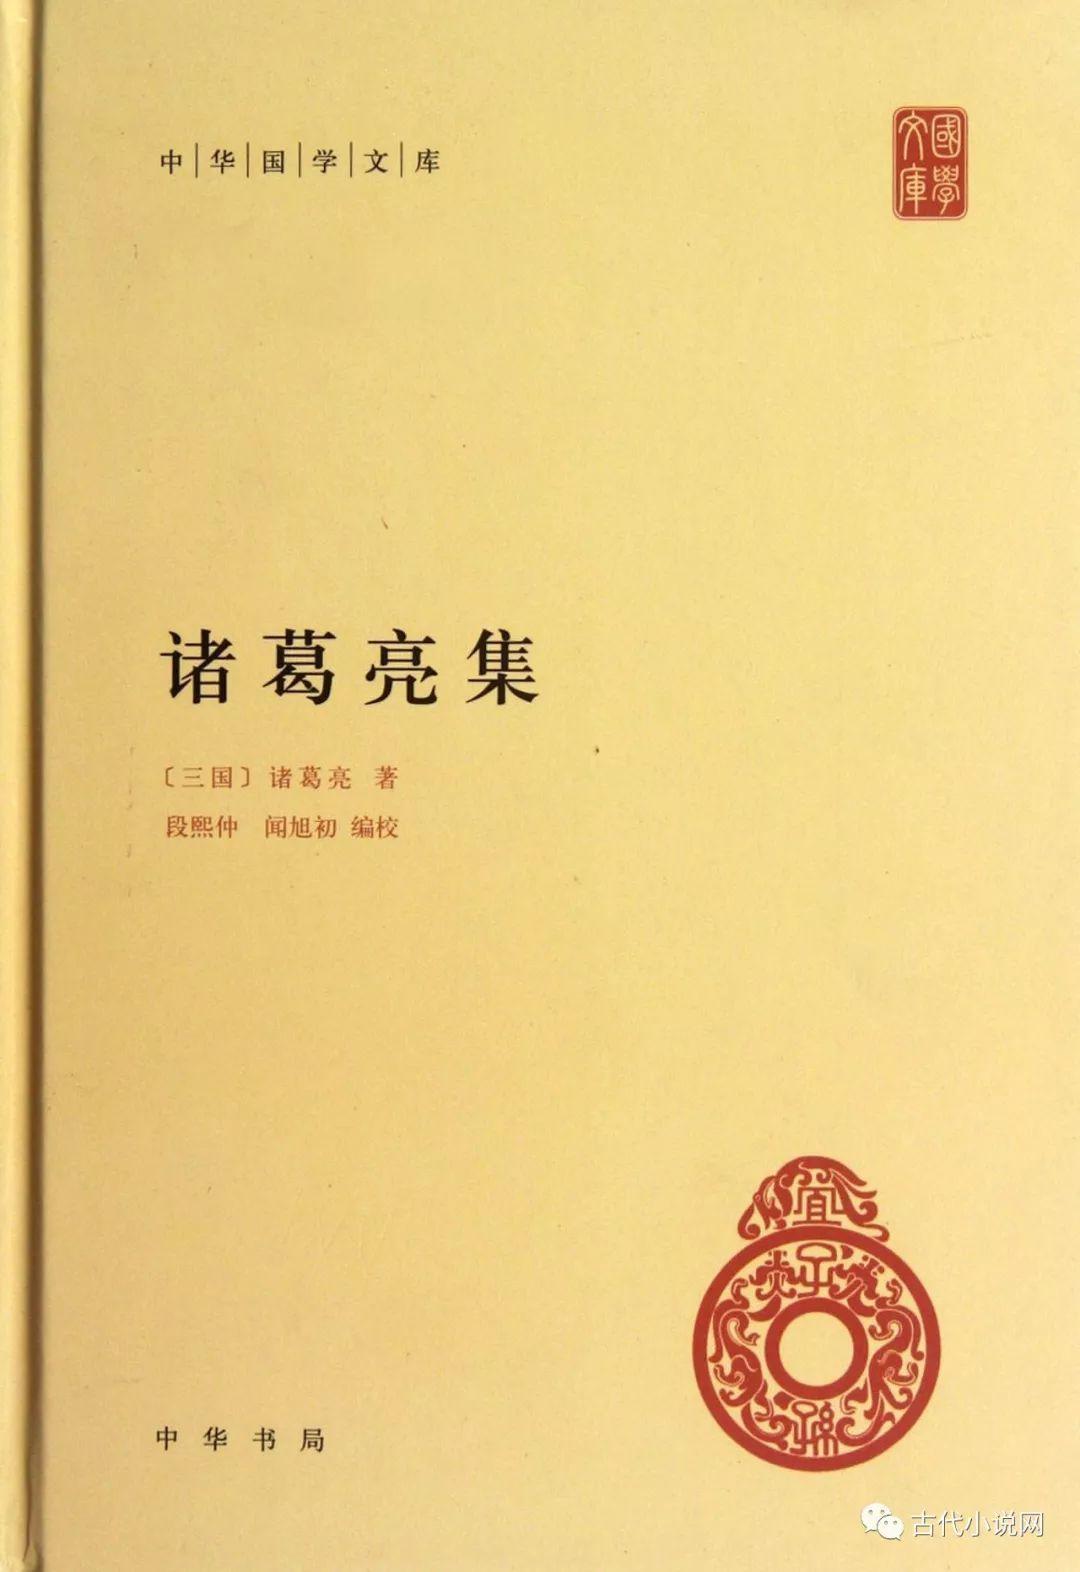 沈伯俊:高风亮节,百代楷模——论诸葛亮的人格魅力 人物点评 第4张